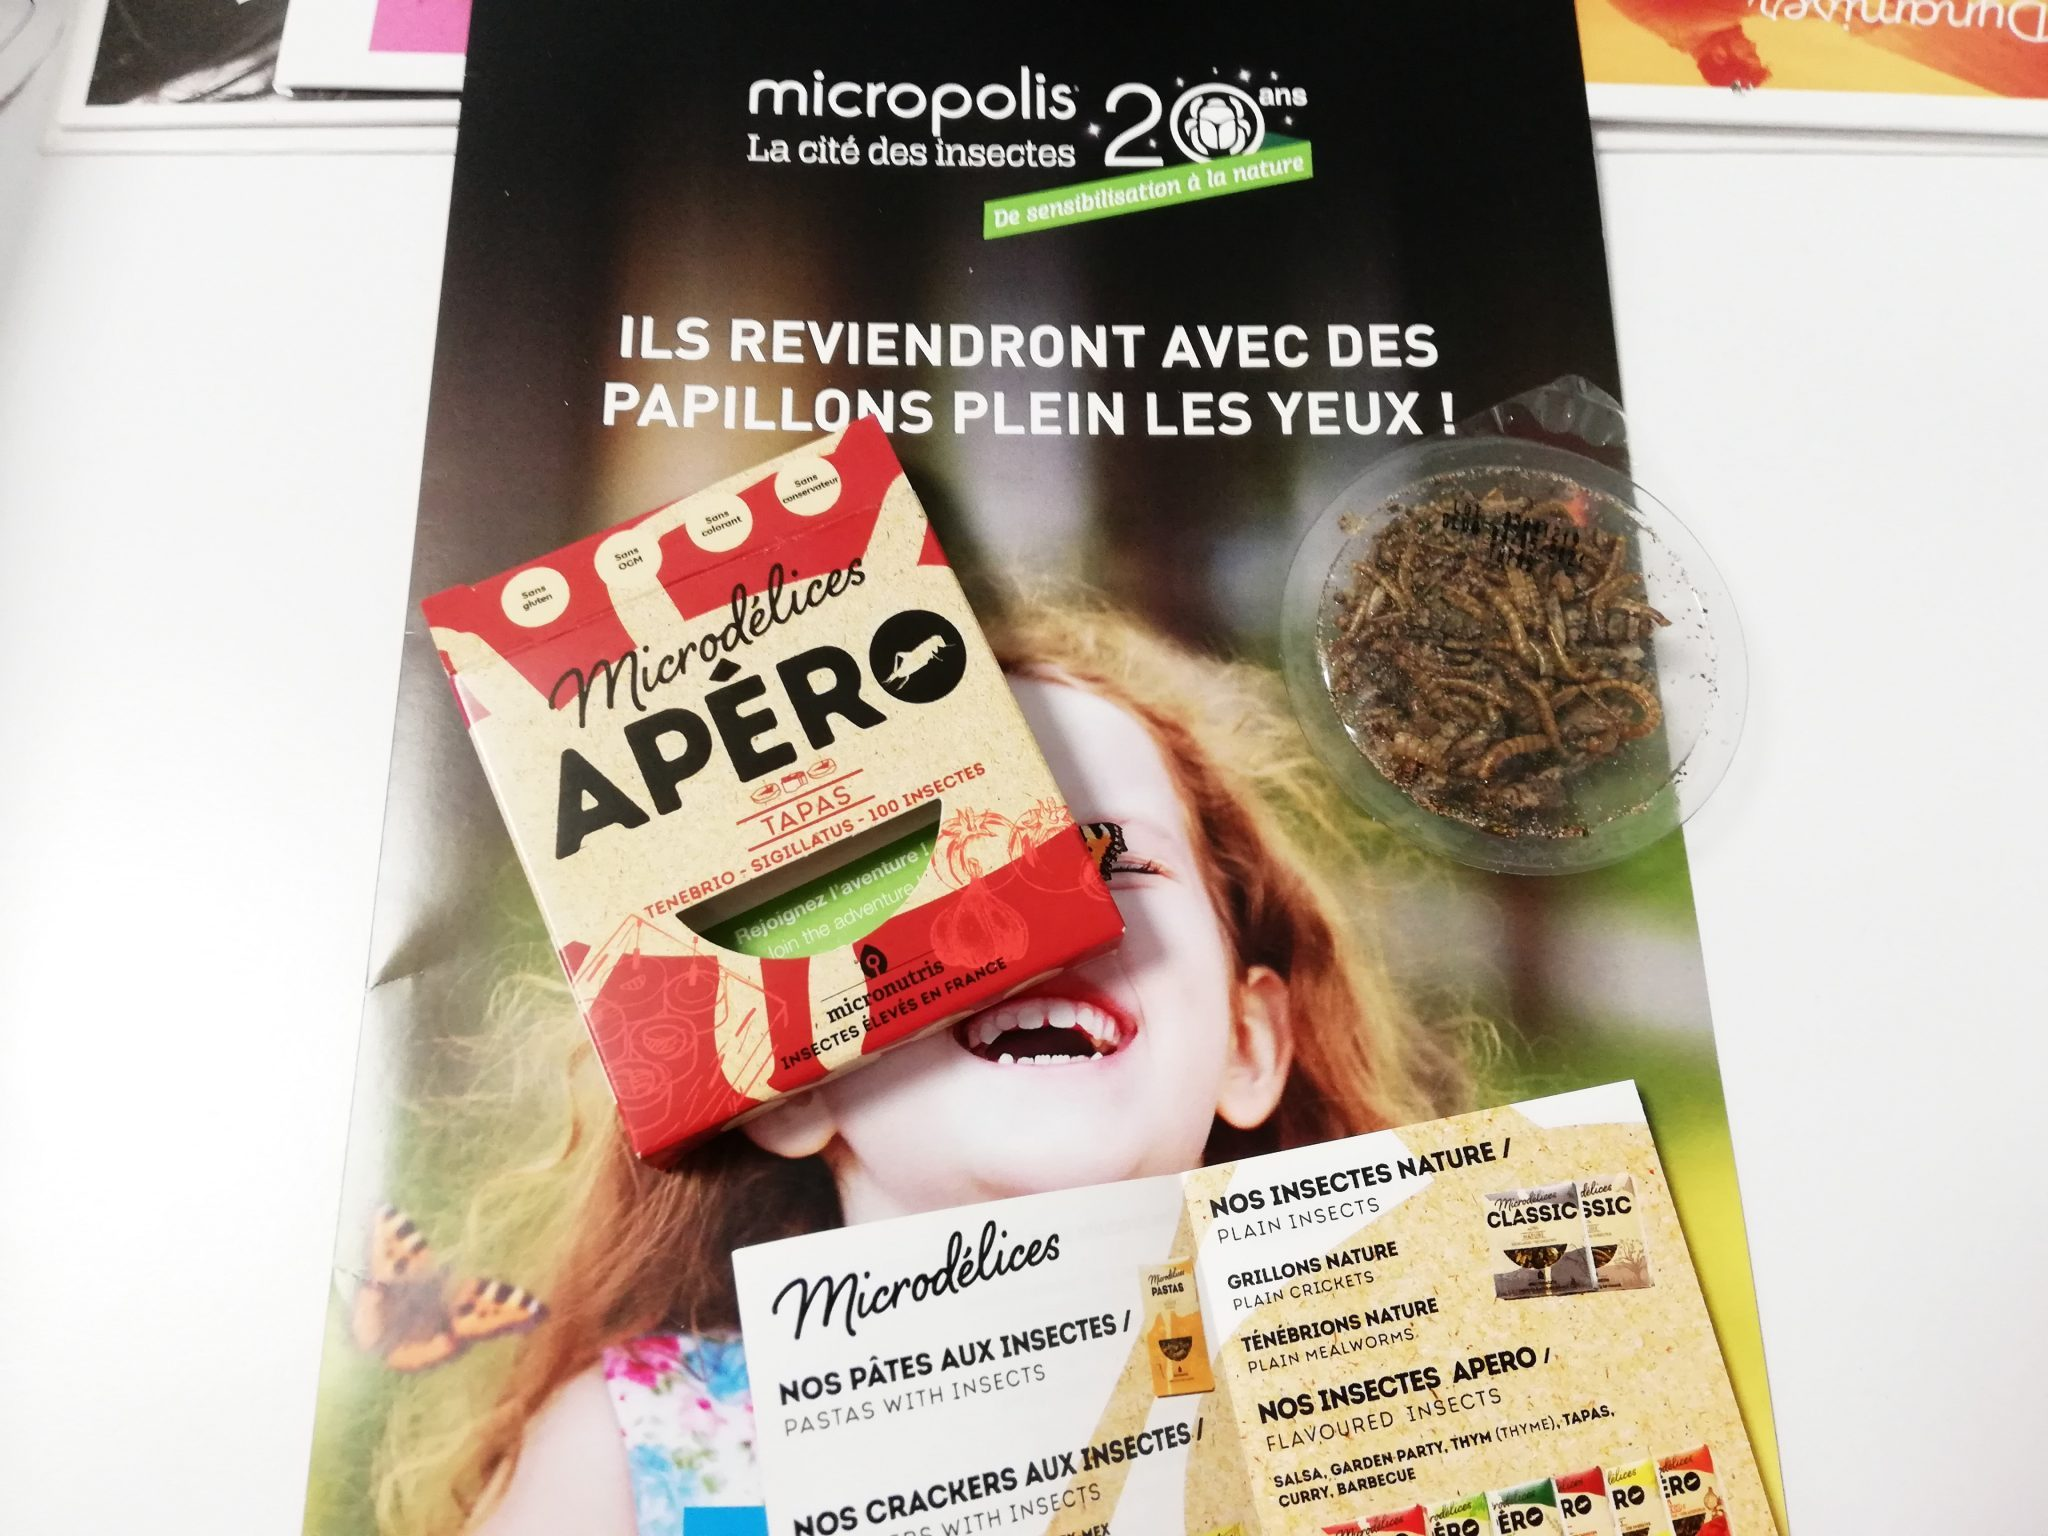 micropolis-cite-insectes-levezou-aveyron©micropolis